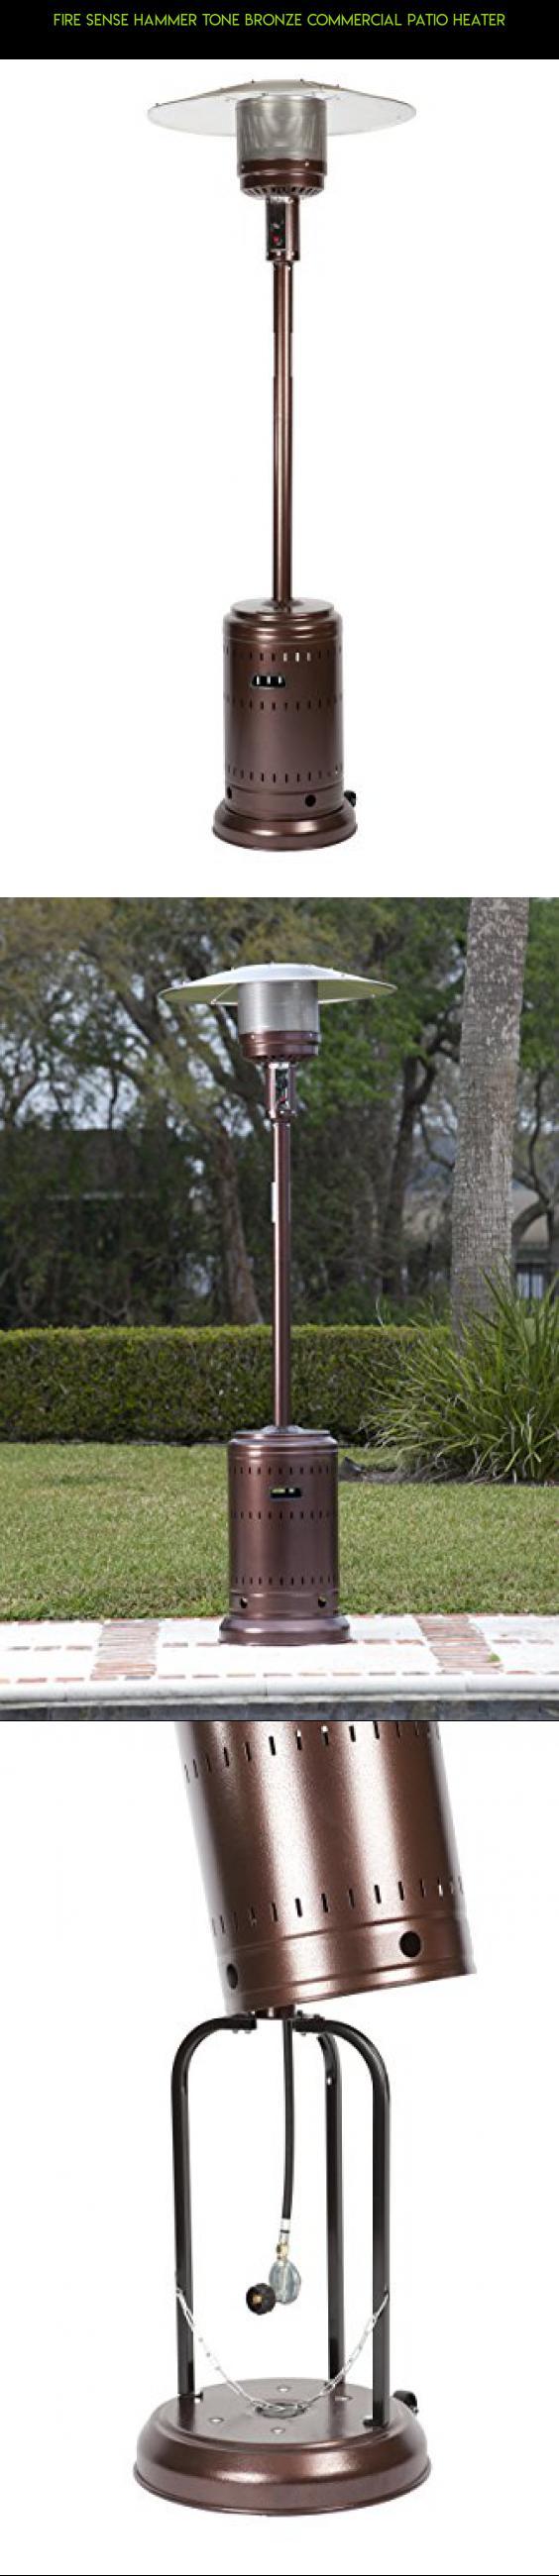 Fire Sense Hammer Tone Bronze Commercial Patio Heater #parts #kit #plans  #drone